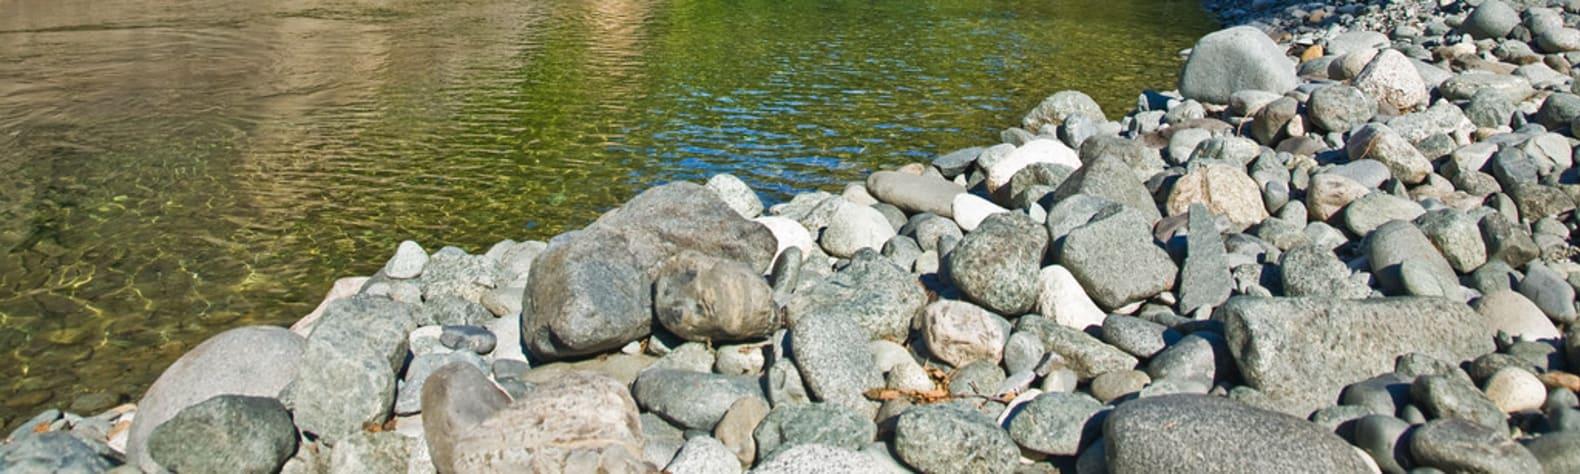 Chemainus River Provincial Park